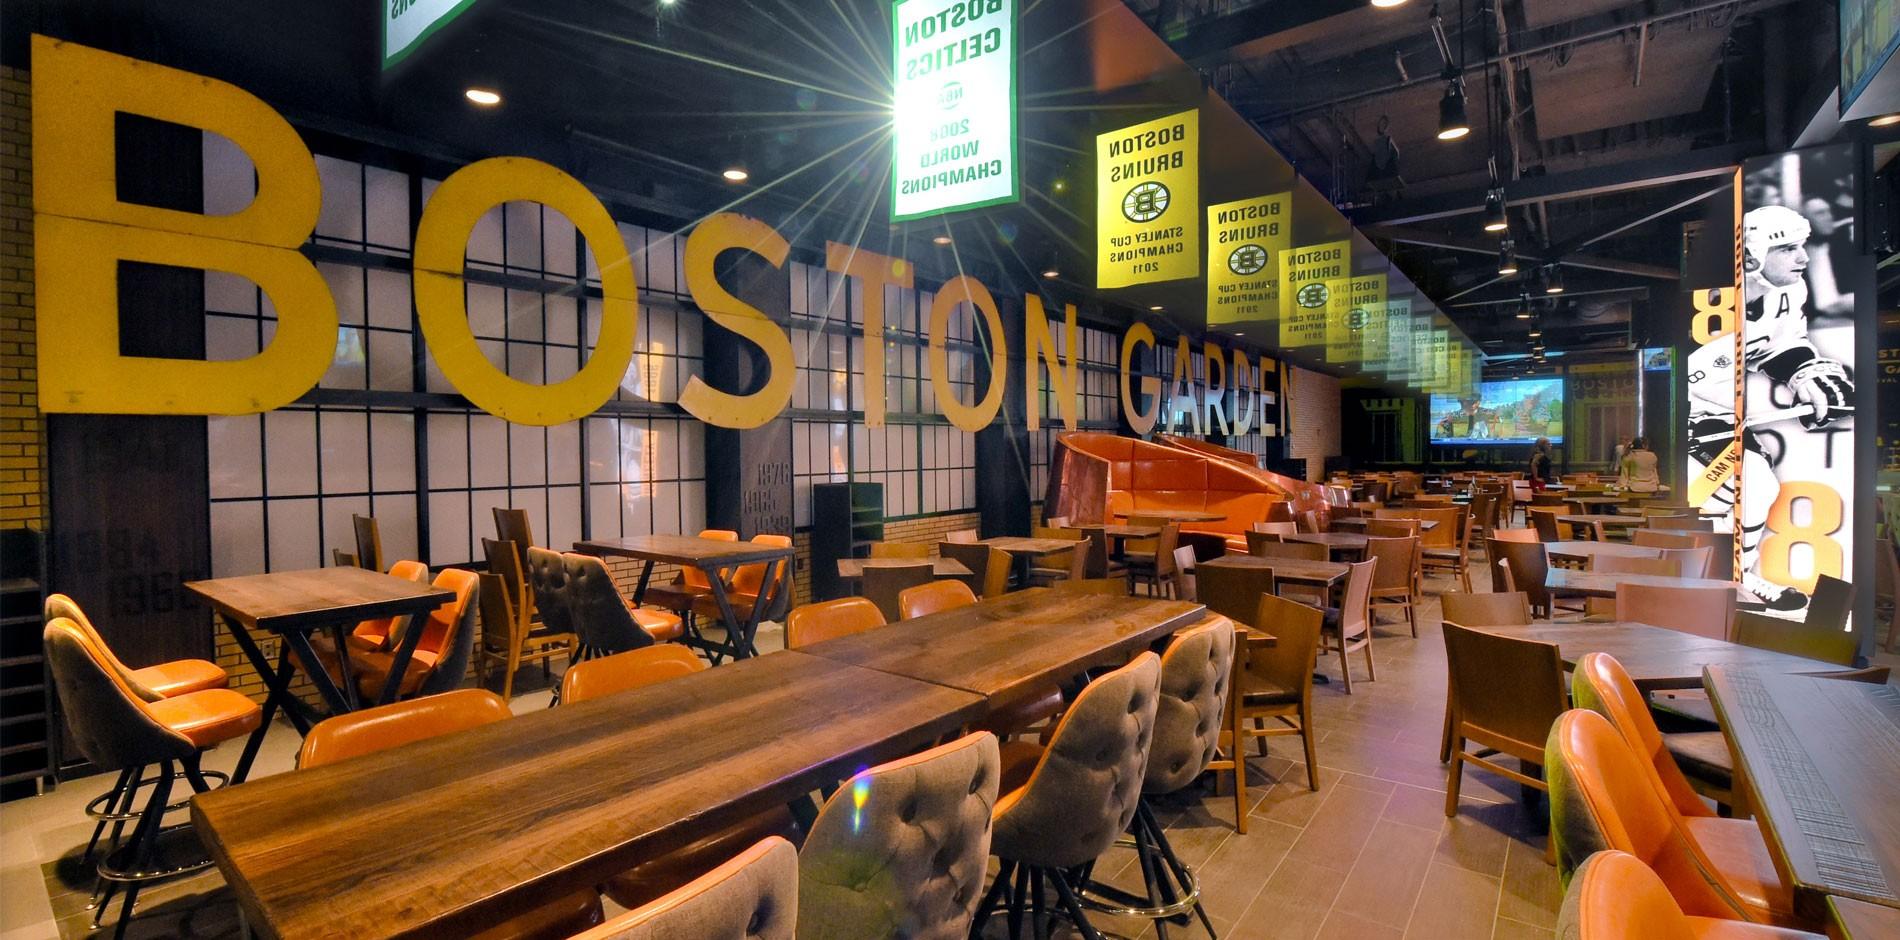 Legends at TD Garden Food & Beverage Renovation & Fit Out